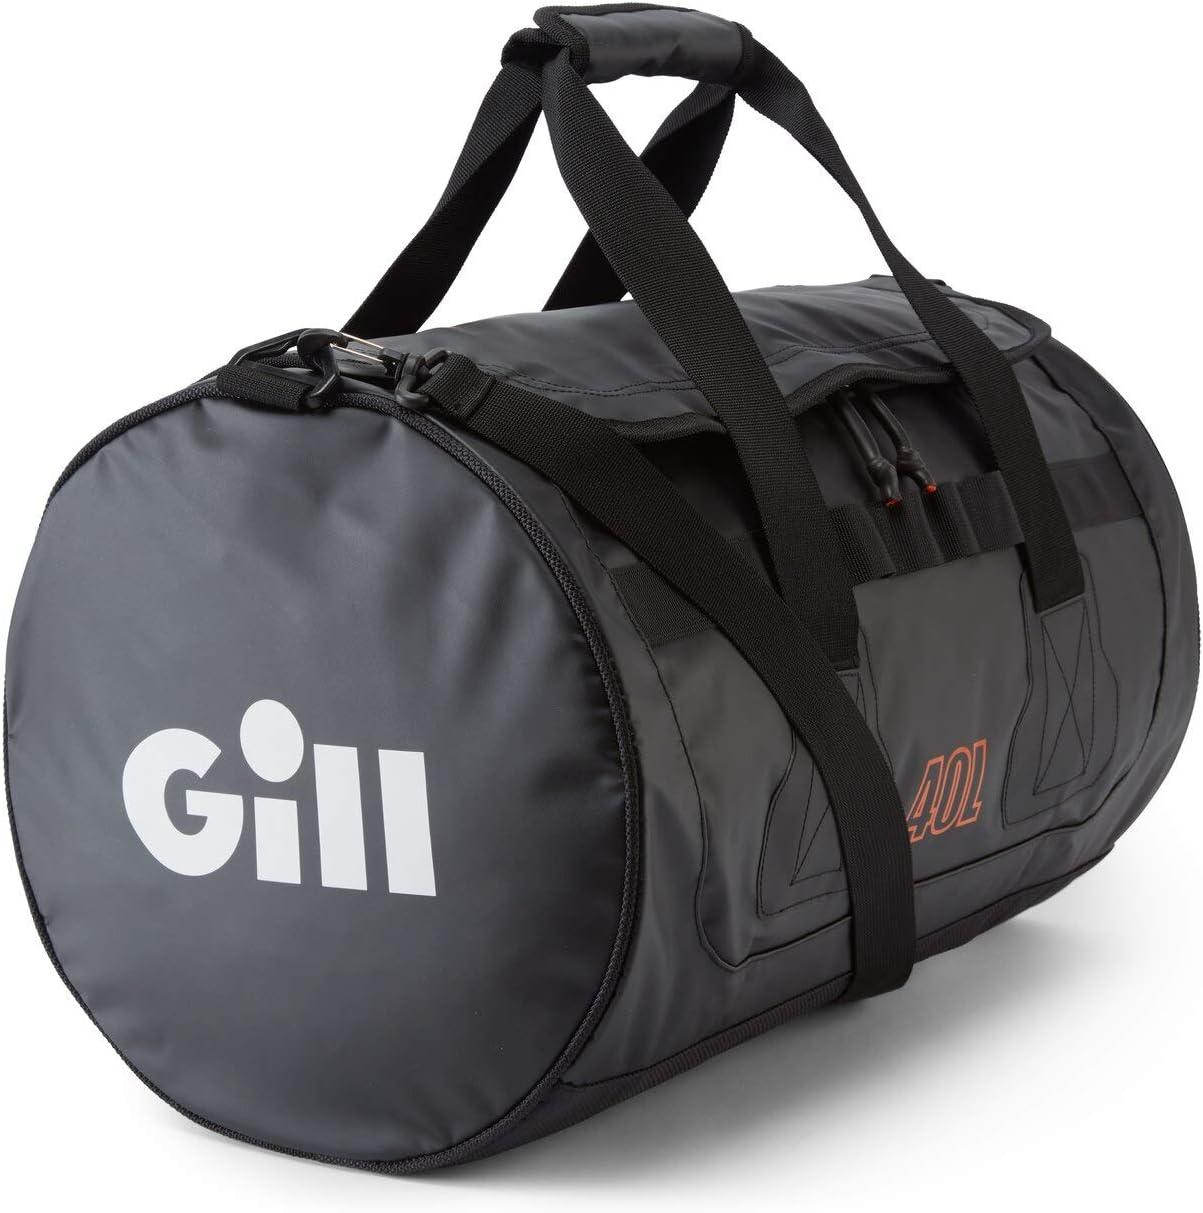 Gill Tarp Barrel Bag 40L Black L084